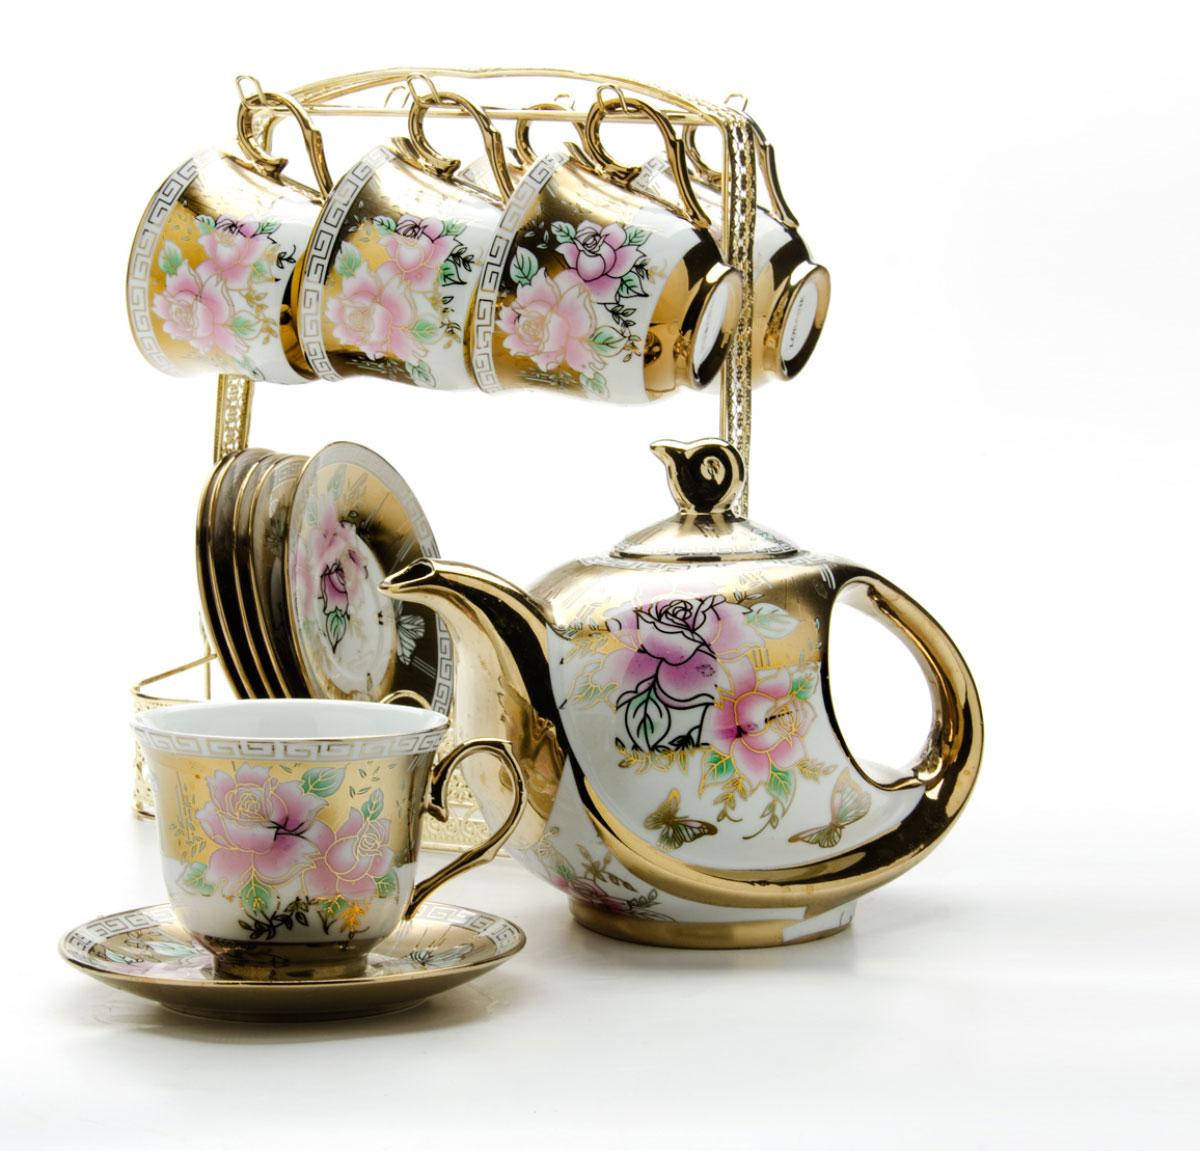 Набор чайный Loraine, на подставке, 15 предметов. 2478524785Чайный набор LORAINE состоит из шести чашек, шести блюдец и заварочного чайника. Предметы набора изготовлены из керамики и оформлены изображением цветов и бабочек. Все предметы располагаются на удобной металлической подставке с ручкой. Элегантный дизайн набора придется по вкусу и ценителям классики, и тем, кто предпочитает утонченность и изысканность. Он настроит на позитивный лад и подарит хорошее настроение с самого утра. Чайный набор LORAINE идеально подойдет для сервировки стола и станет отличным подарком к любому празднику.